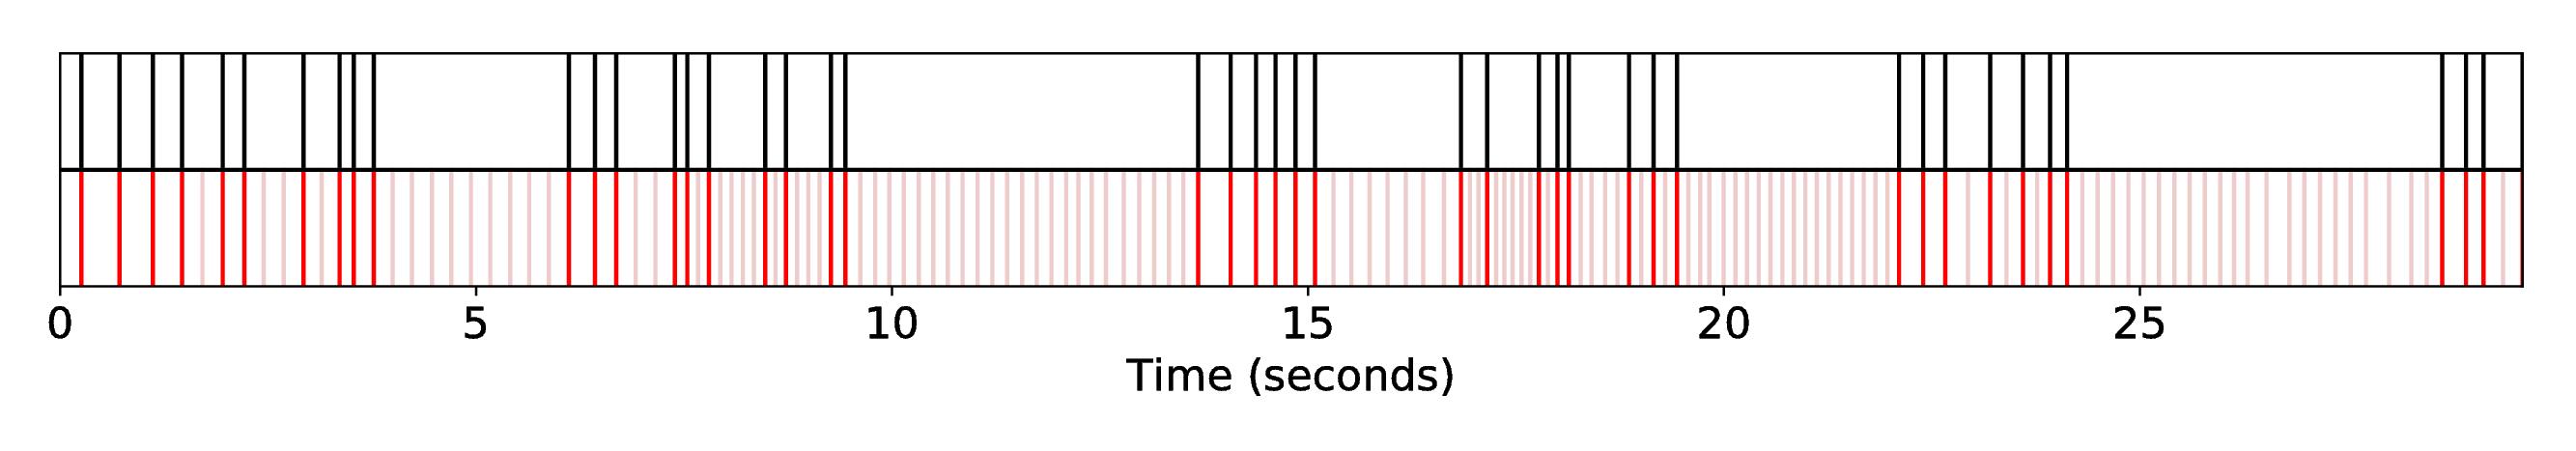 DP1_INT1_R-Syn-RaGa__S-Silence__SequenceAlignment